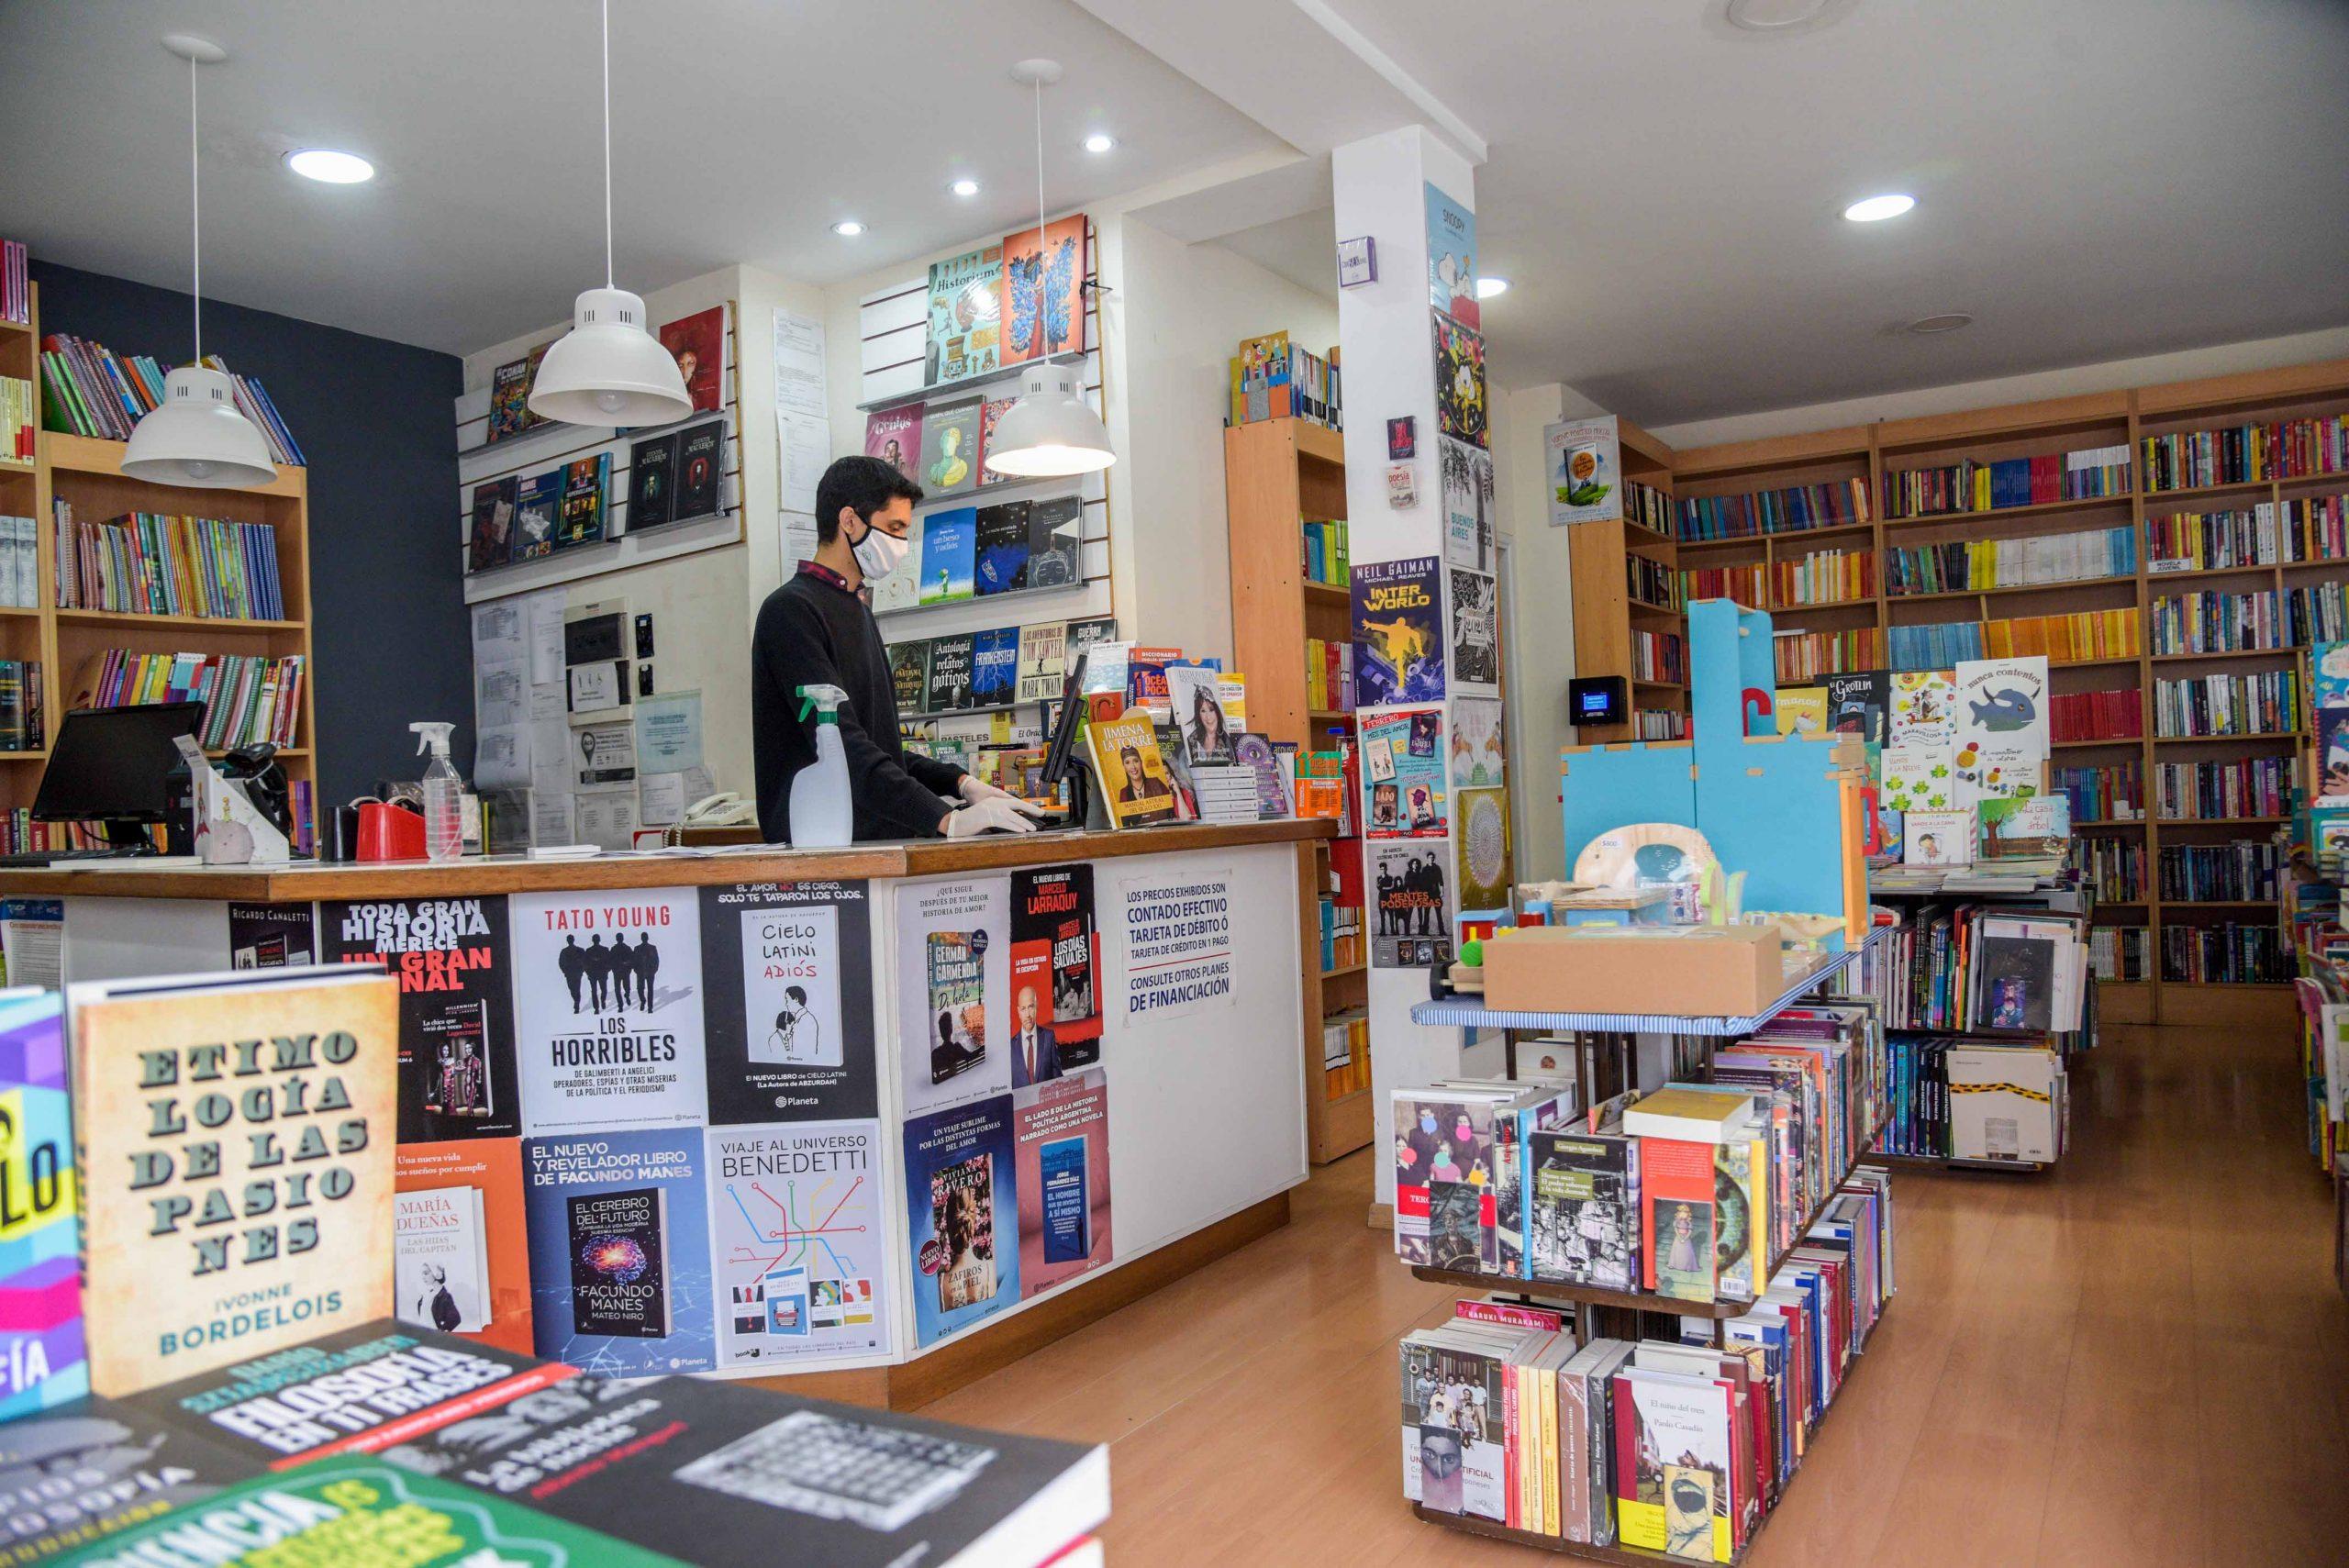 Alarma por el cierre de librerías: el sector reclama medidas de asistencia ante la caída de ventas